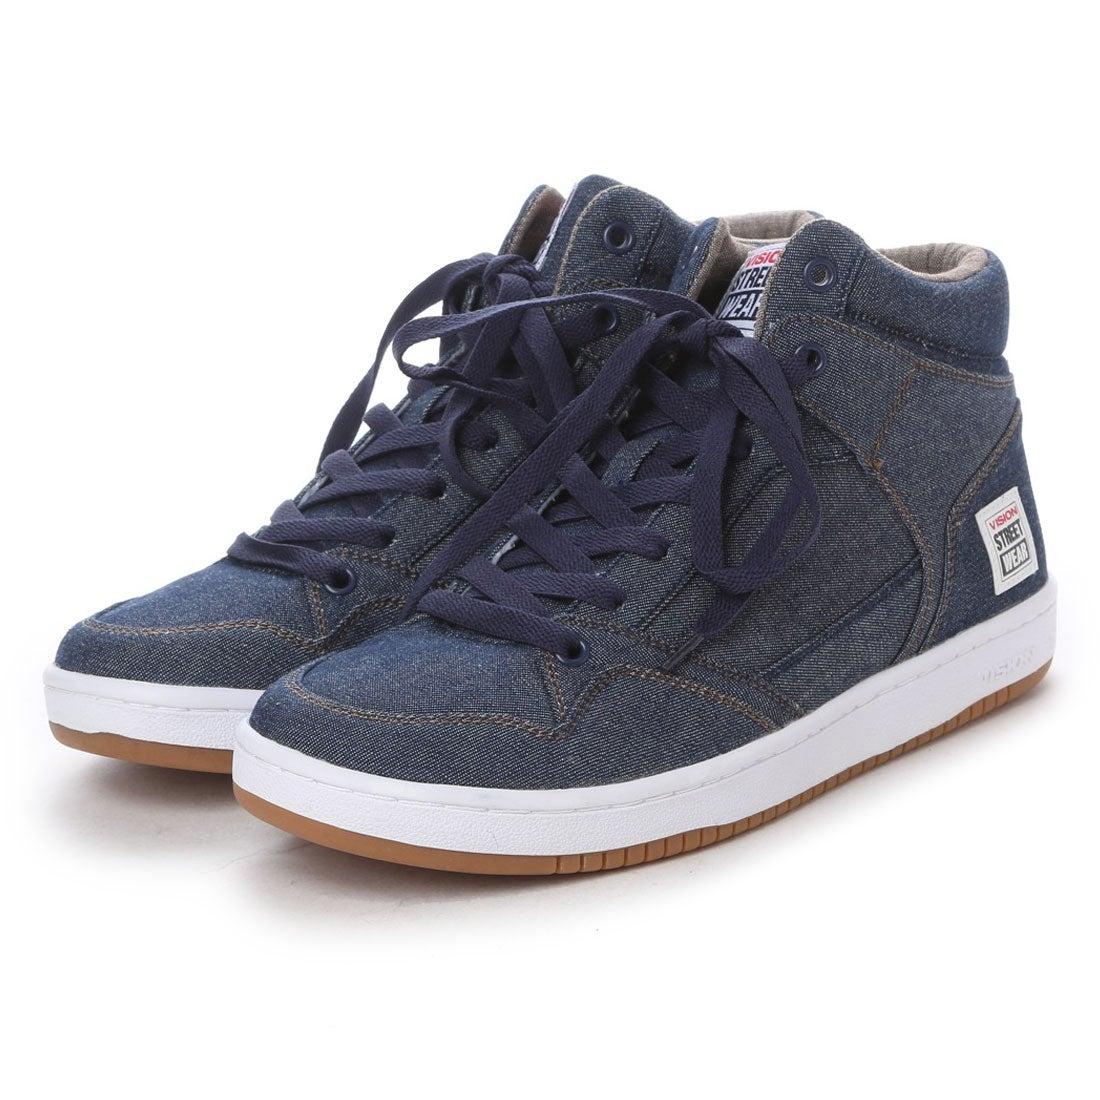 ビジョン ストリート ウェア VISION STREET WEAR メイウッドHI (インディゴ) ,靴とファッションの通販サイト ロコンド